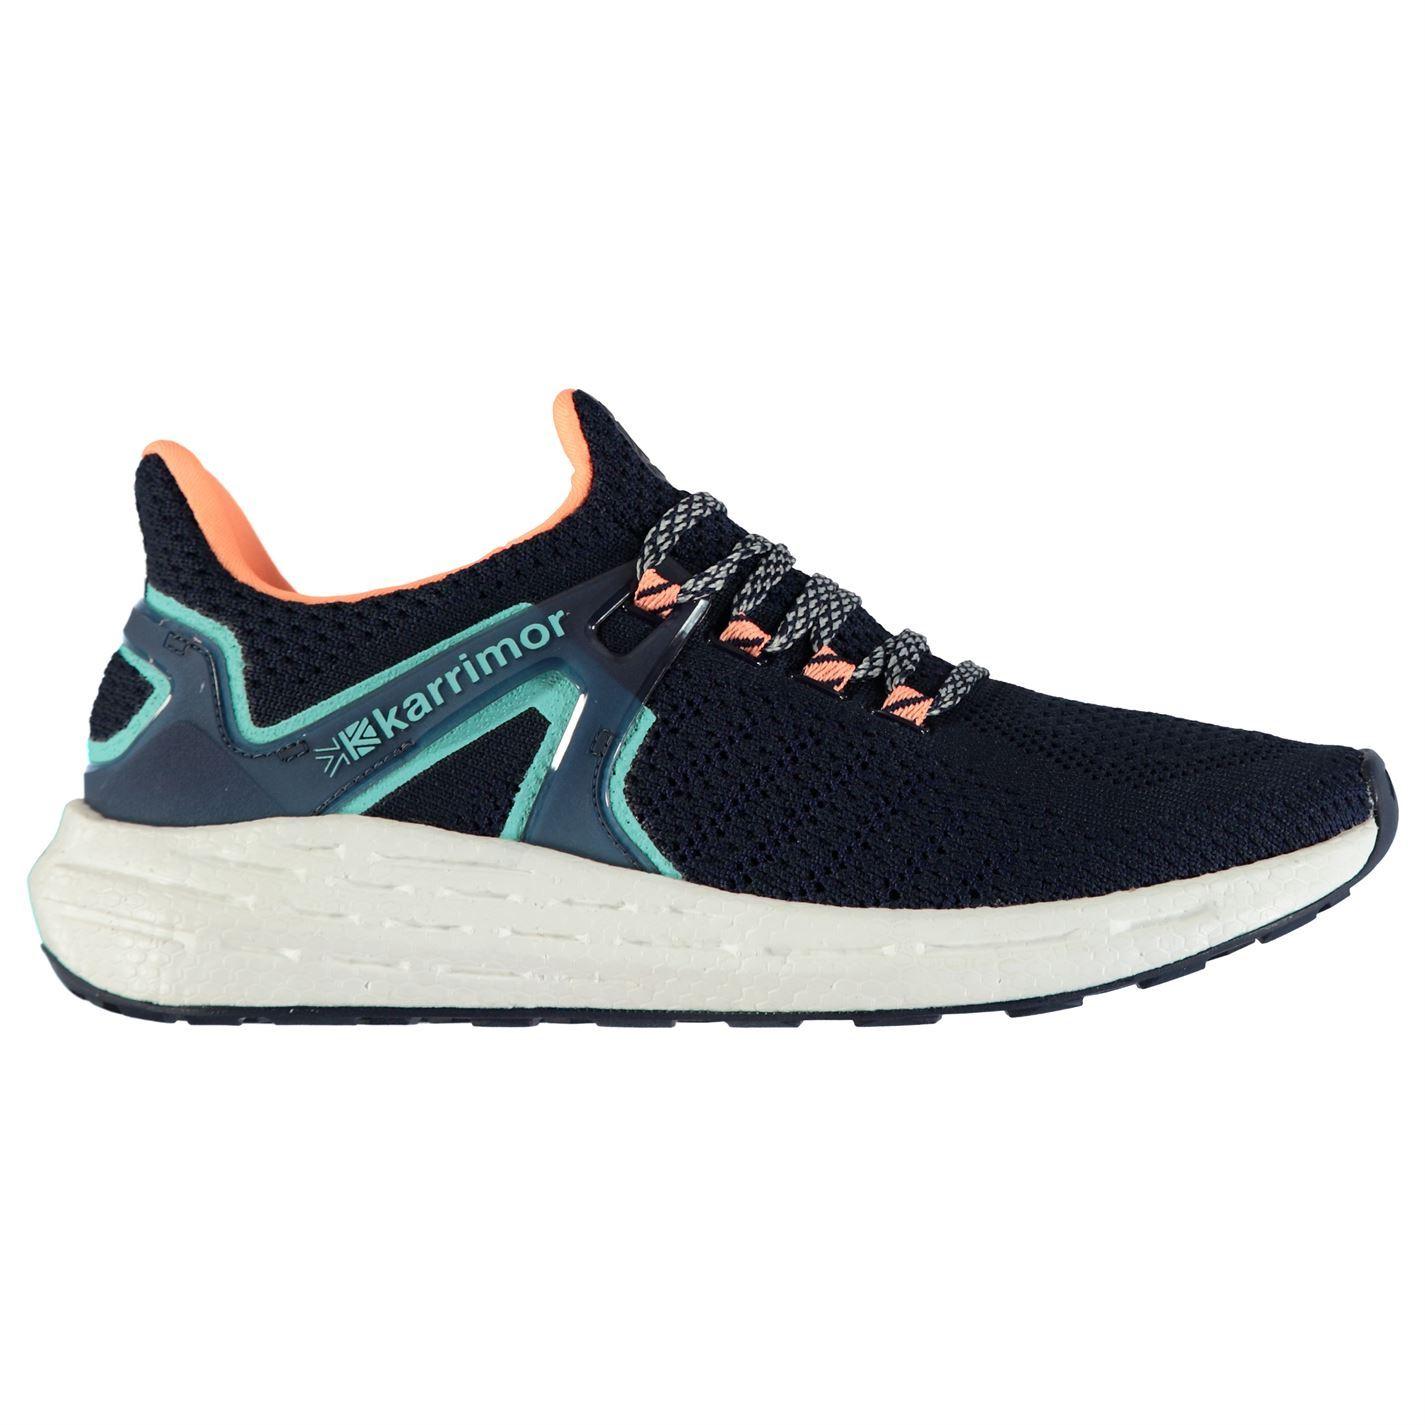 Karrimor Resolve Running Shoes Womens